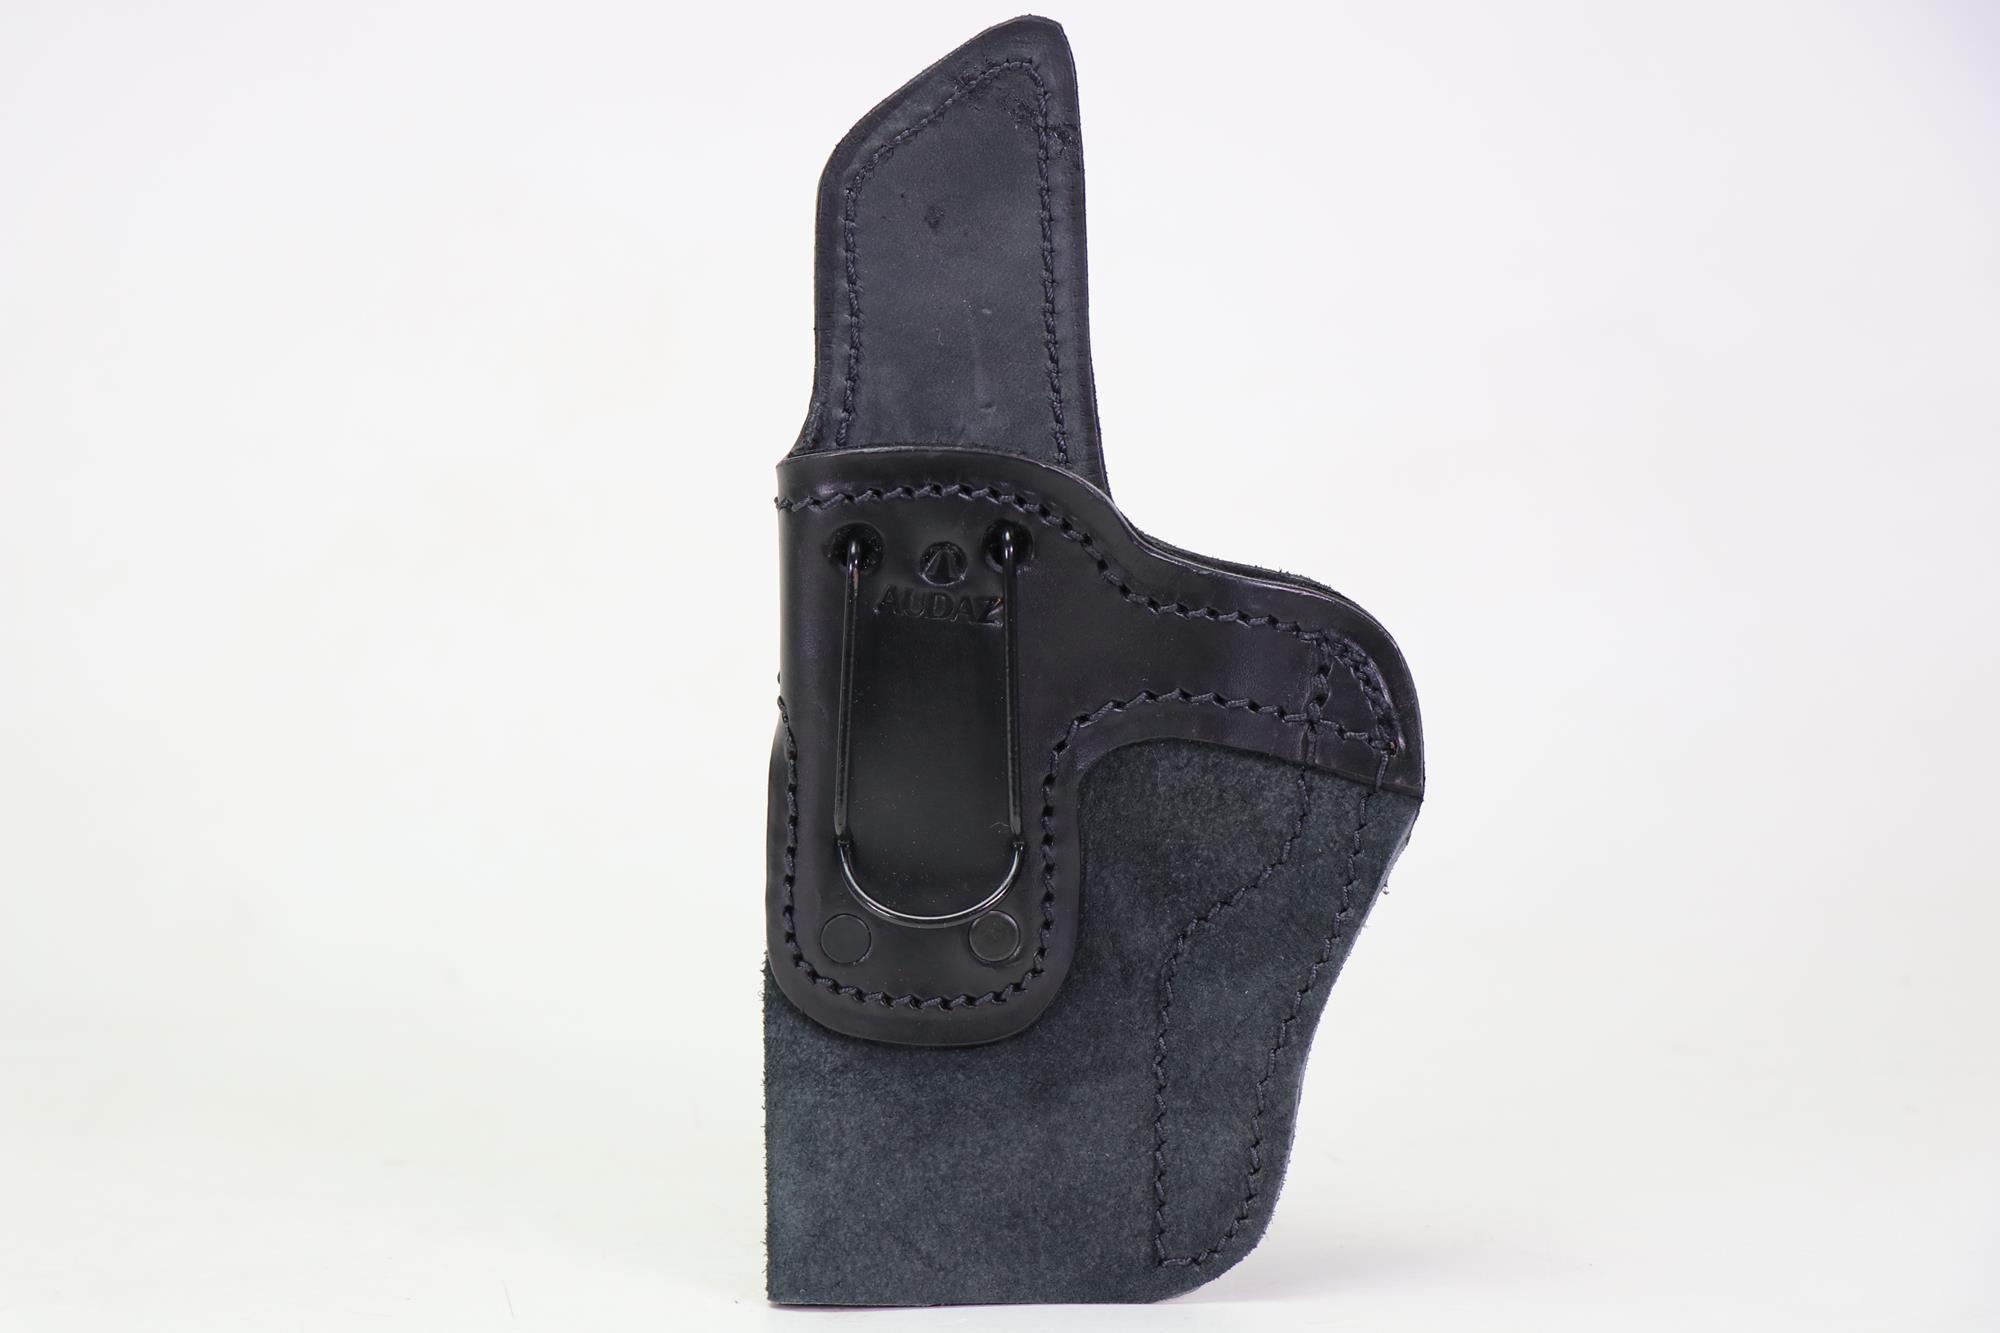 Coldre Velado Clip aço Preto Confort Audaz - para Tanfoglio FT9 Full Size - Canhoto